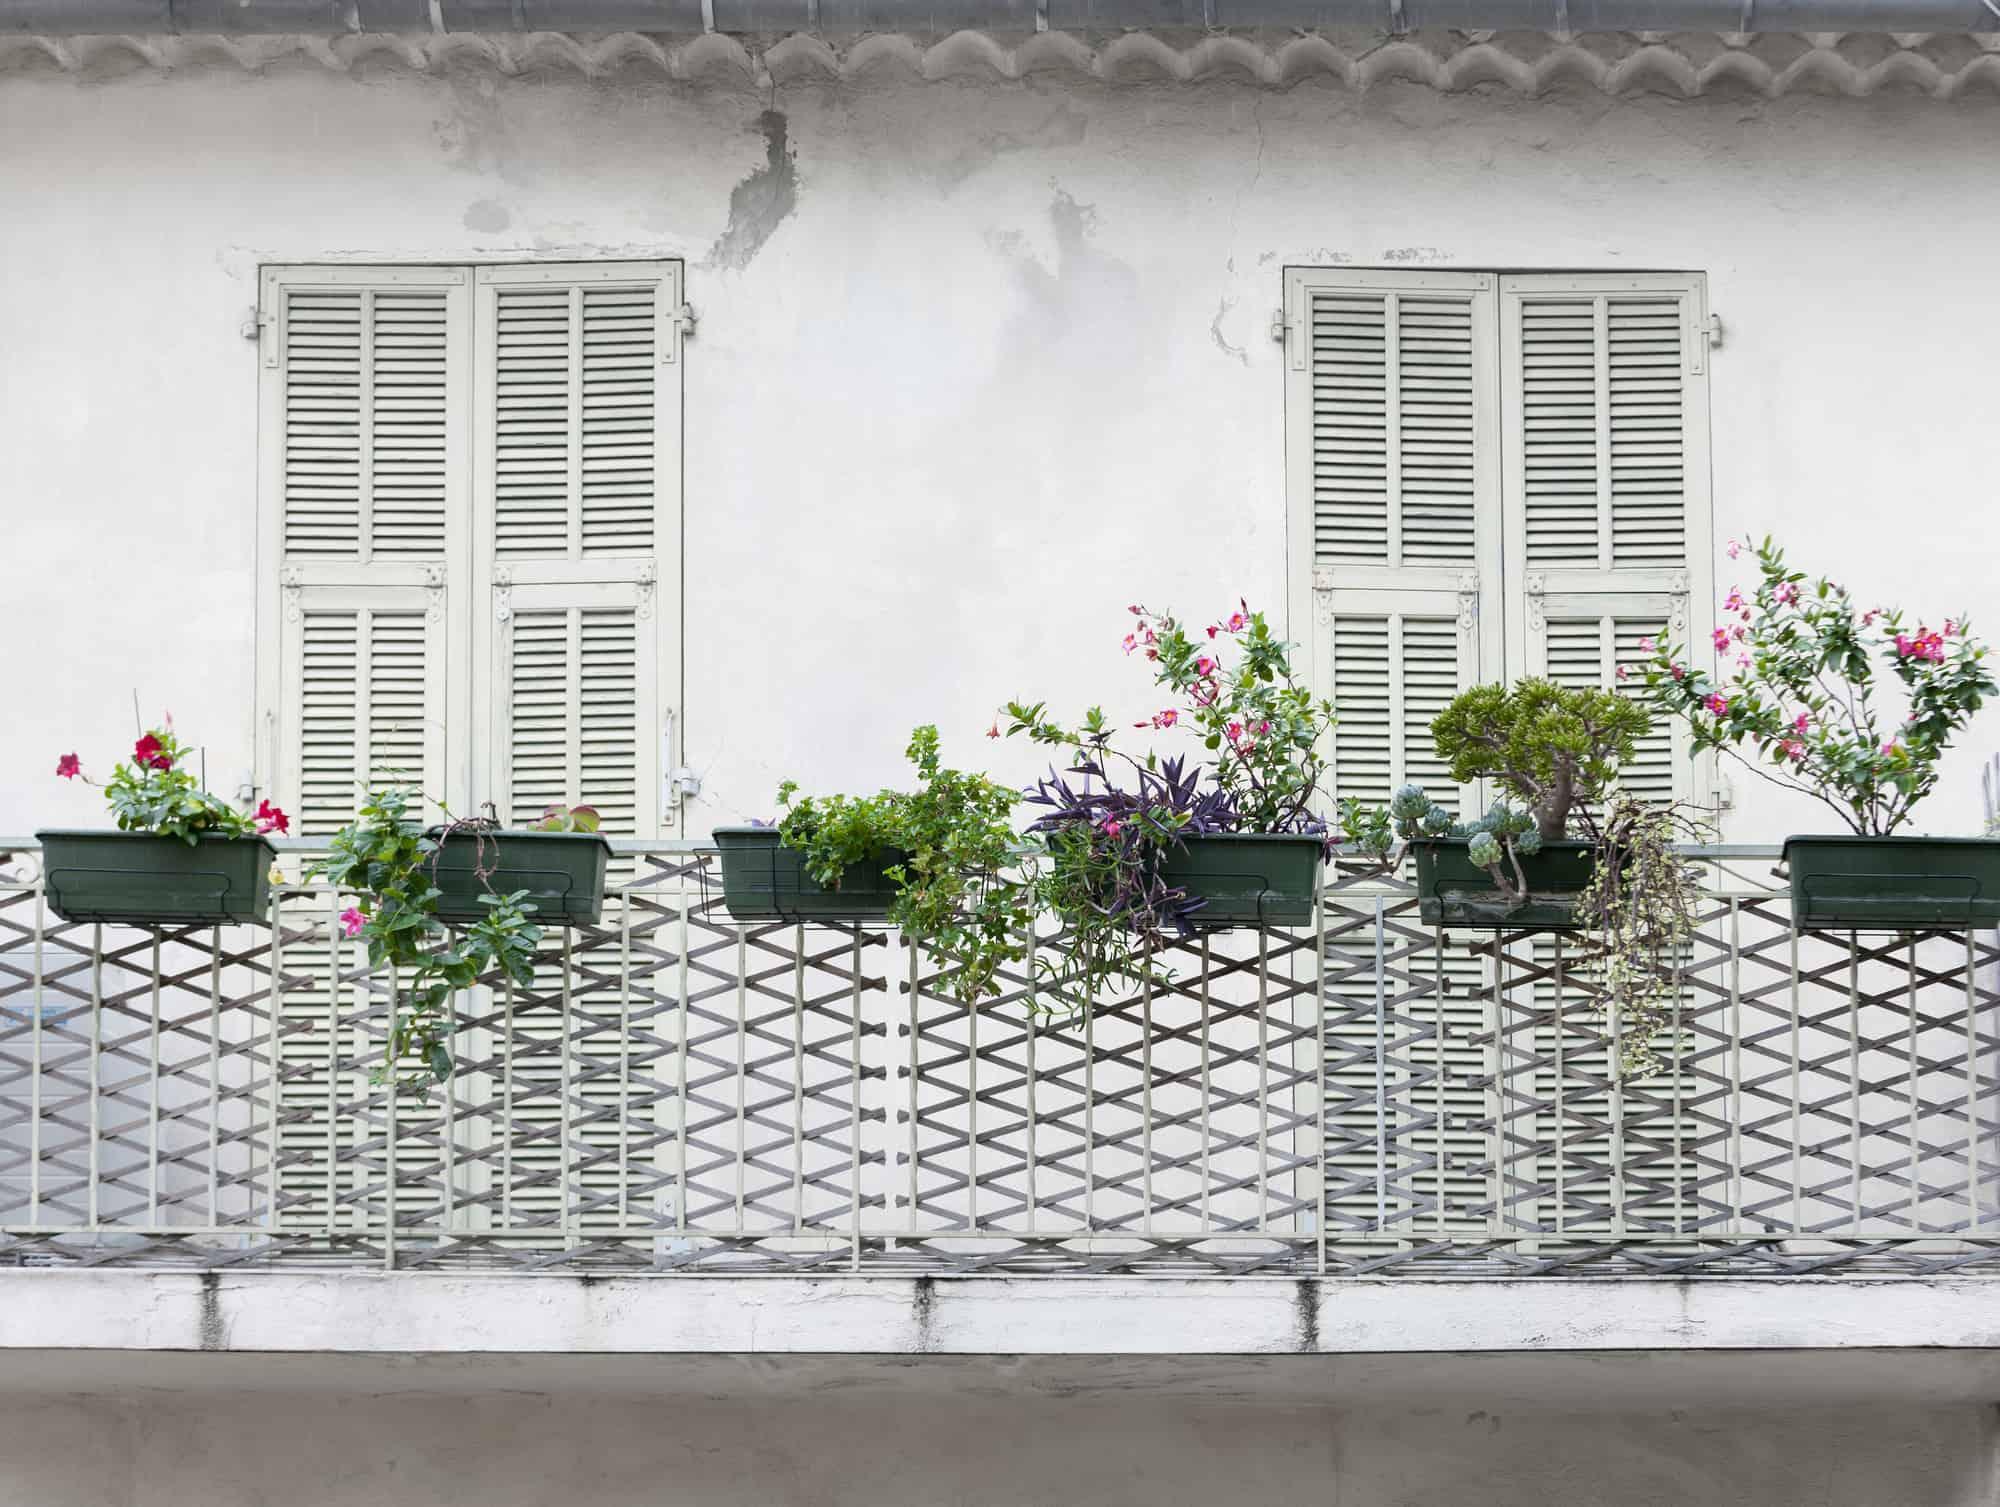 fransk balkon